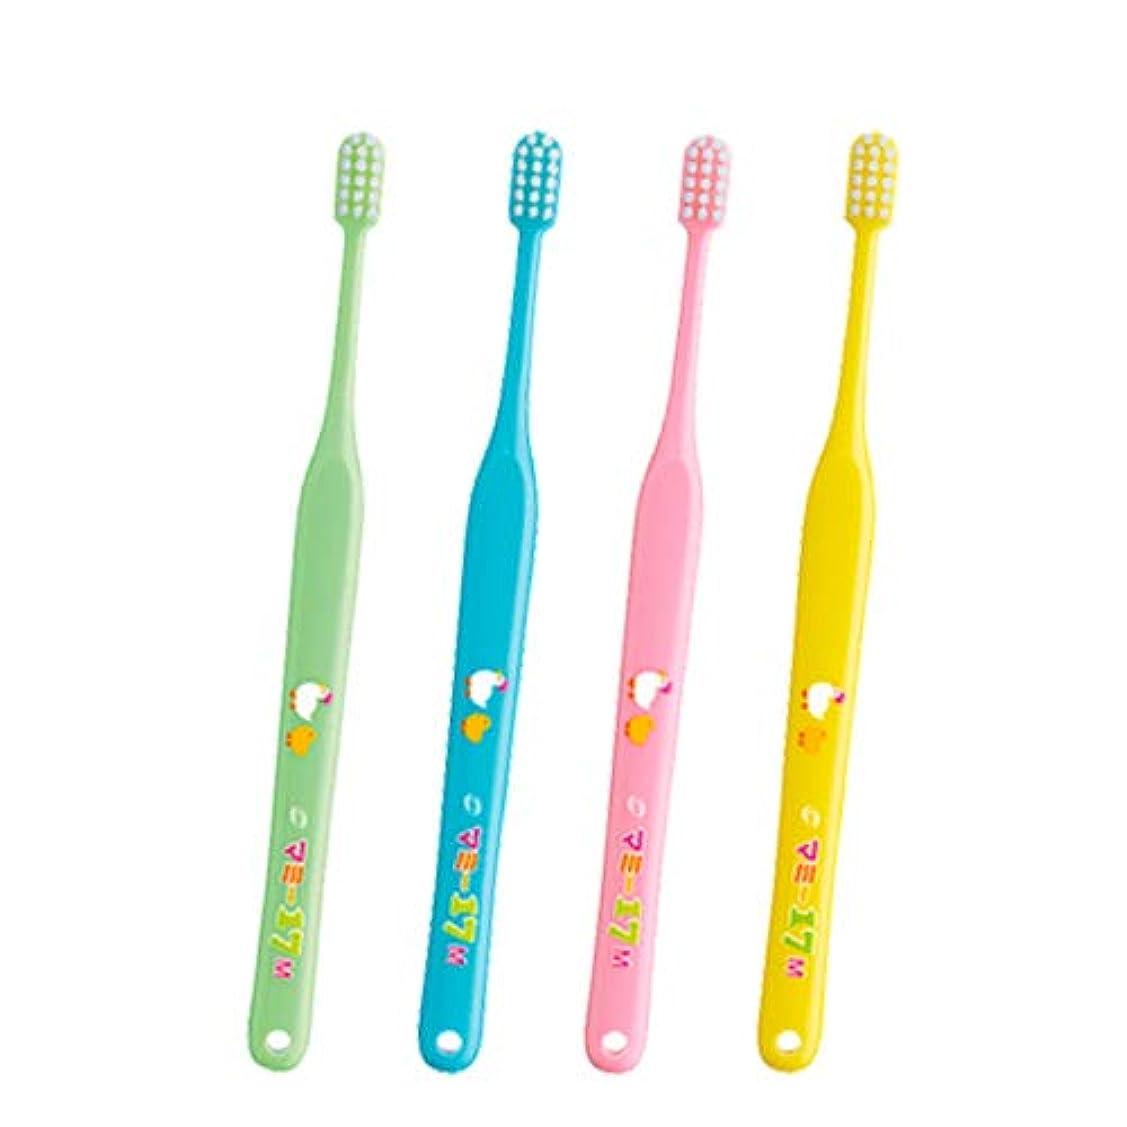 縮約シェル敬意を表してオーラルケア マミー17 歯ブラシ 4本 (ミディアム(M))